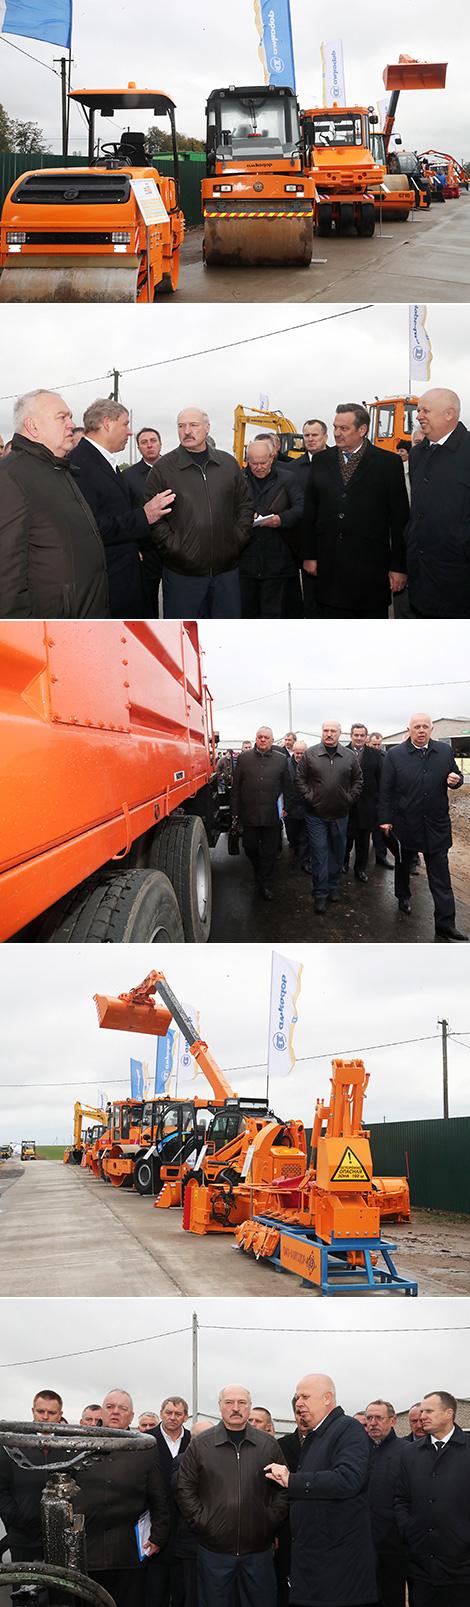 Лукашэнка паставіў перад прамыслоўцамі задачу пашырыць лінейку дарожна-будаўнічых машын